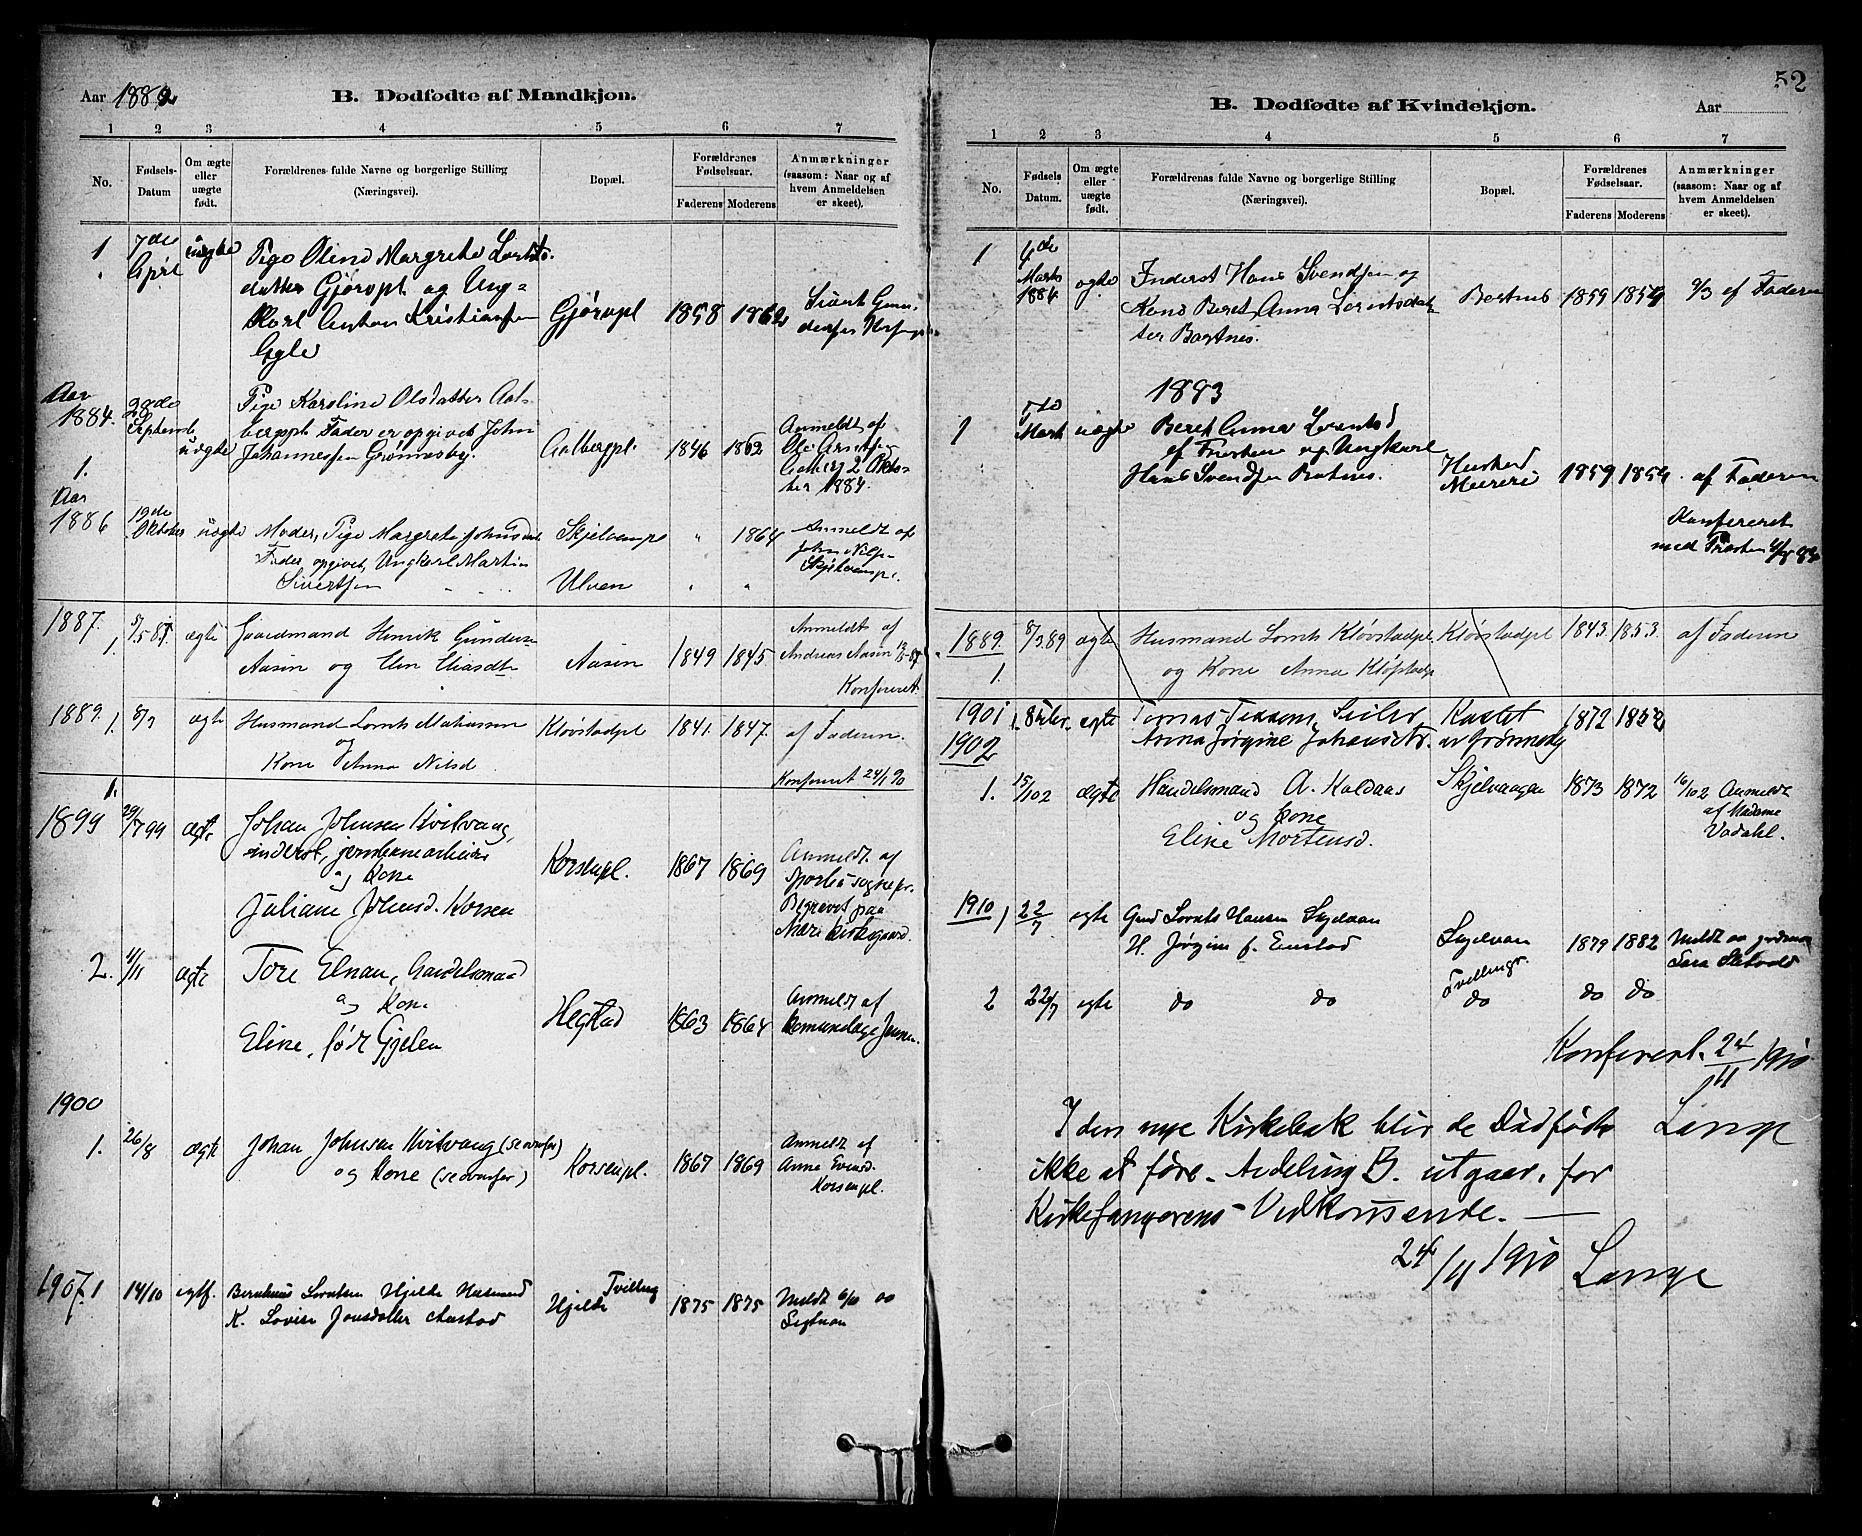 SAT, Ministerialprotokoller, klokkerbøker og fødselsregistre - Nord-Trøndelag, 732/L0318: Klokkerbok nr. 732C02, 1881-1911, s. 52